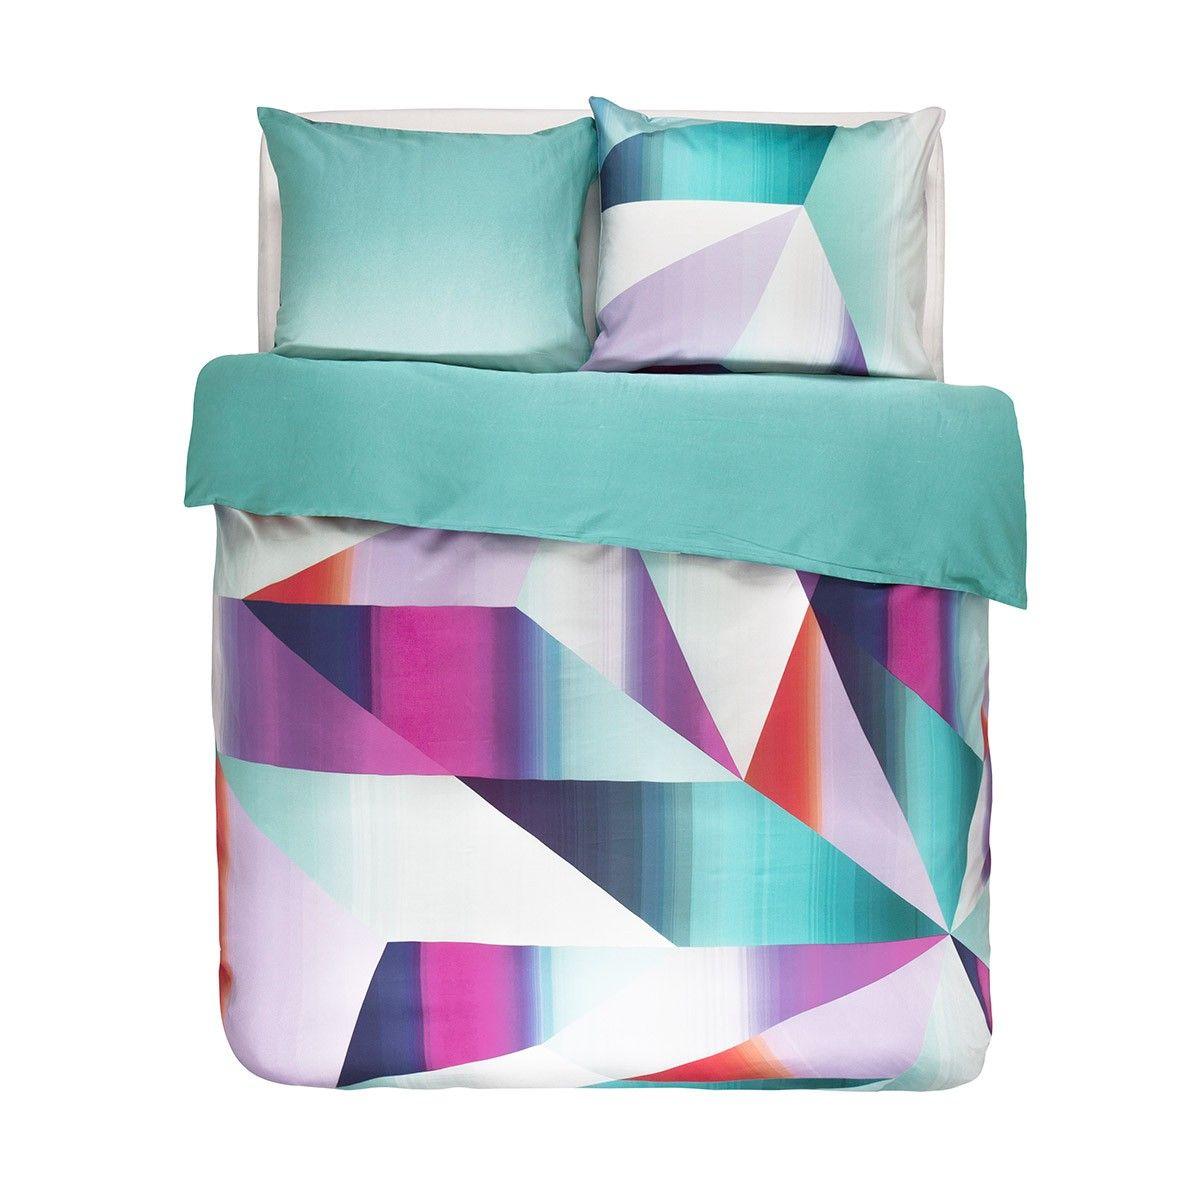 essenza mako satin wendebettw sche nova in seidenweicher baumwolle ein eleganter schimmer gibt. Black Bedroom Furniture Sets. Home Design Ideas